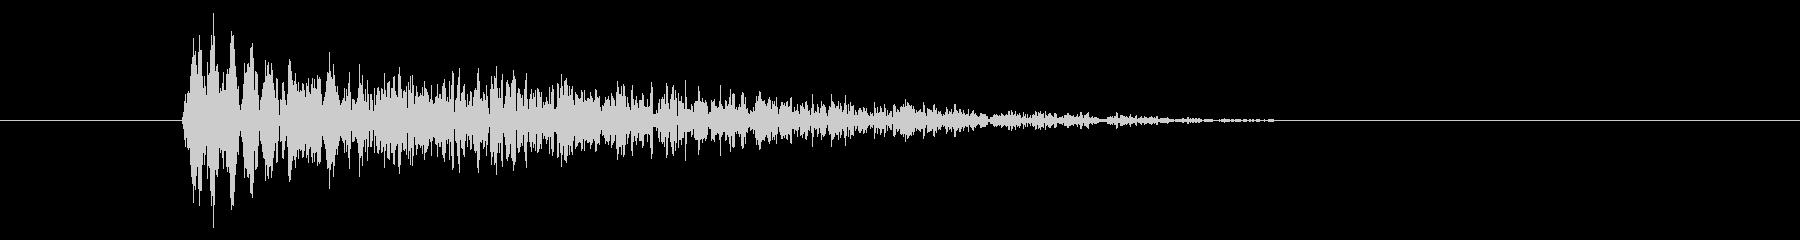 シンプルな打撃音/バシッ/パンチの未再生の波形